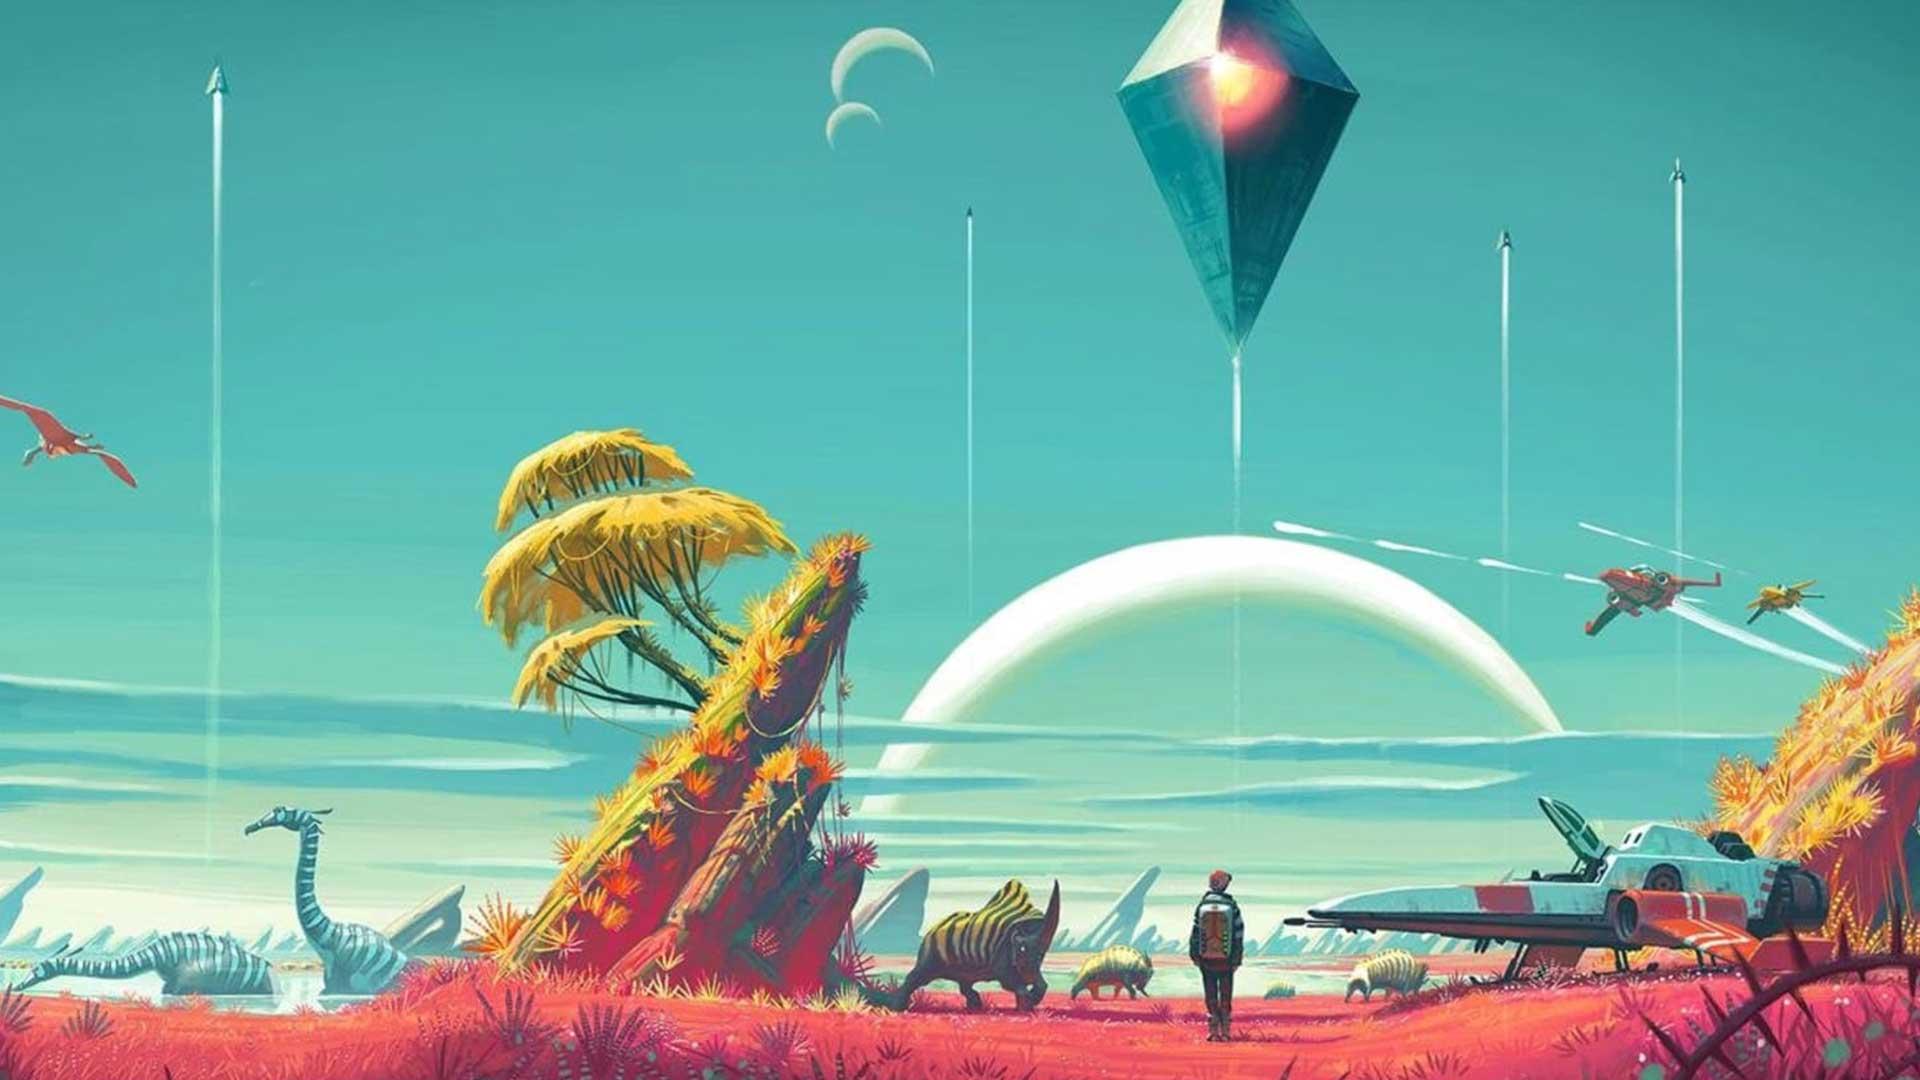 No Man's Sky - Лучшая поддерживаемая игра